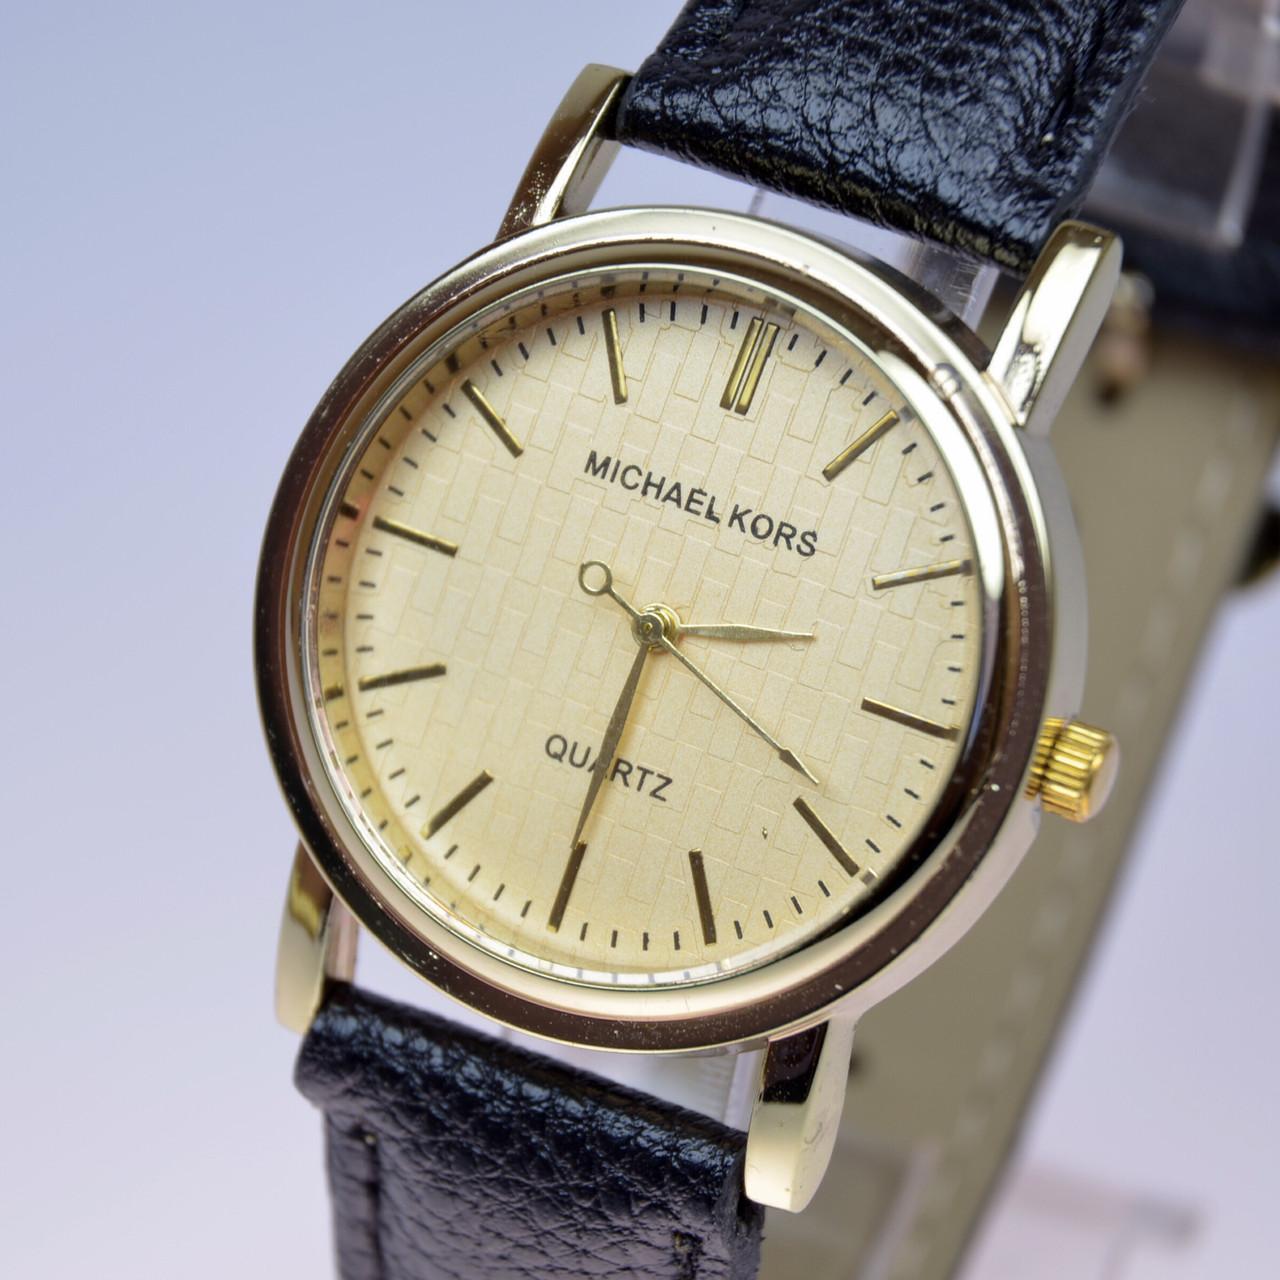 Женские наручные часы MICHAE-L KOR-S копия